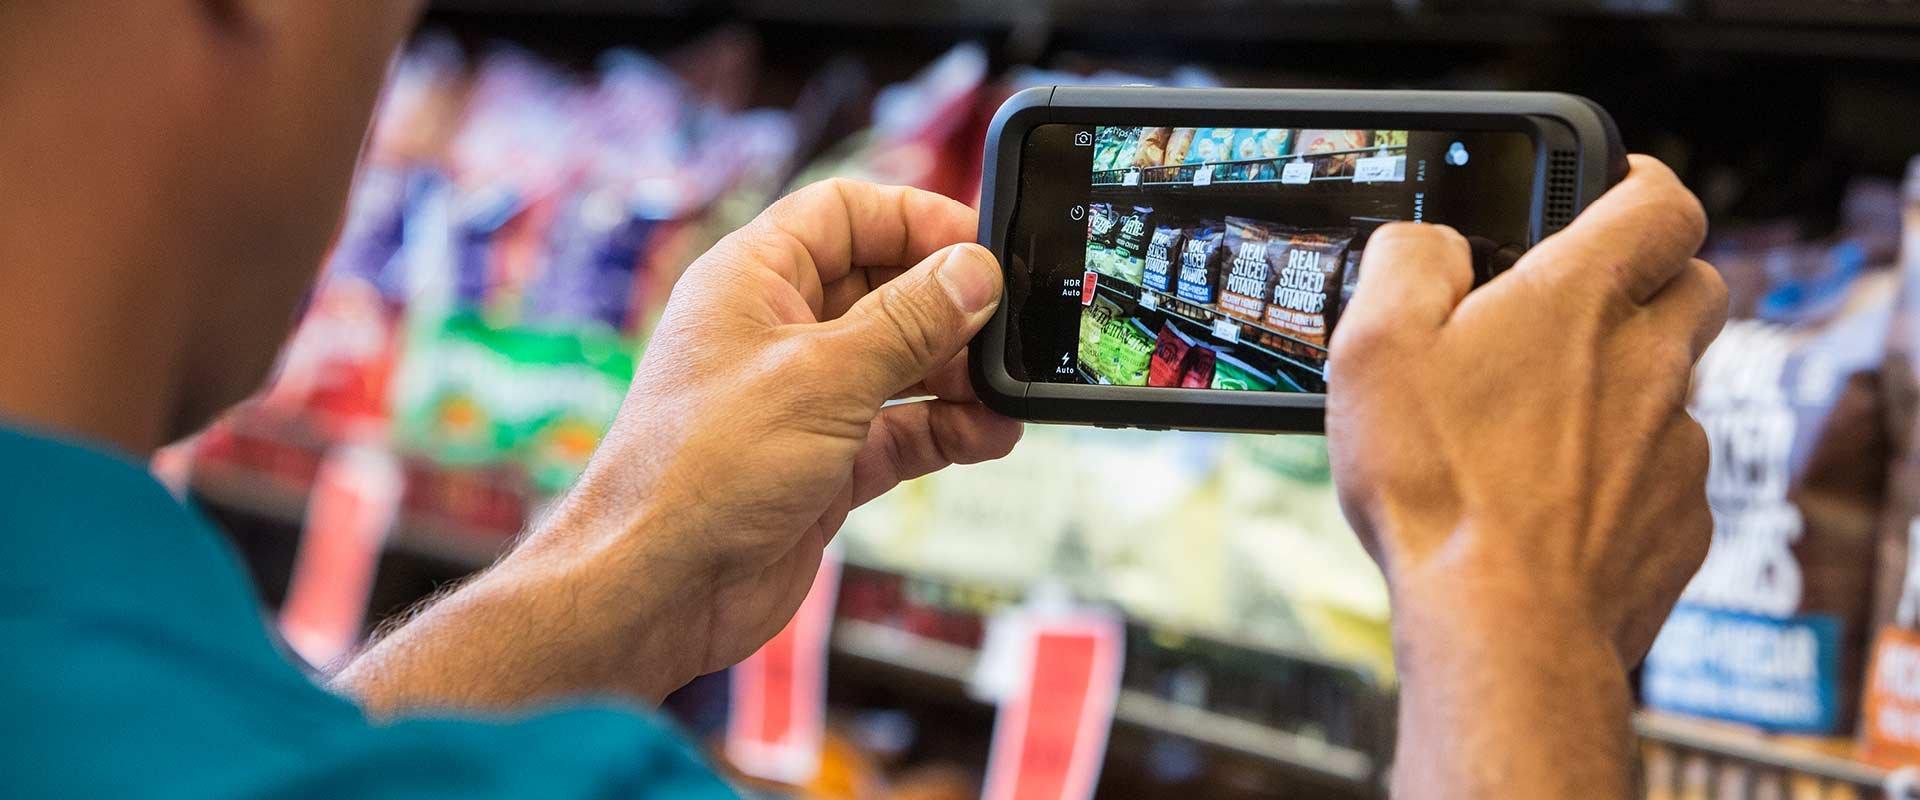 Einzelhandel Software Module mobile Datenerfassung